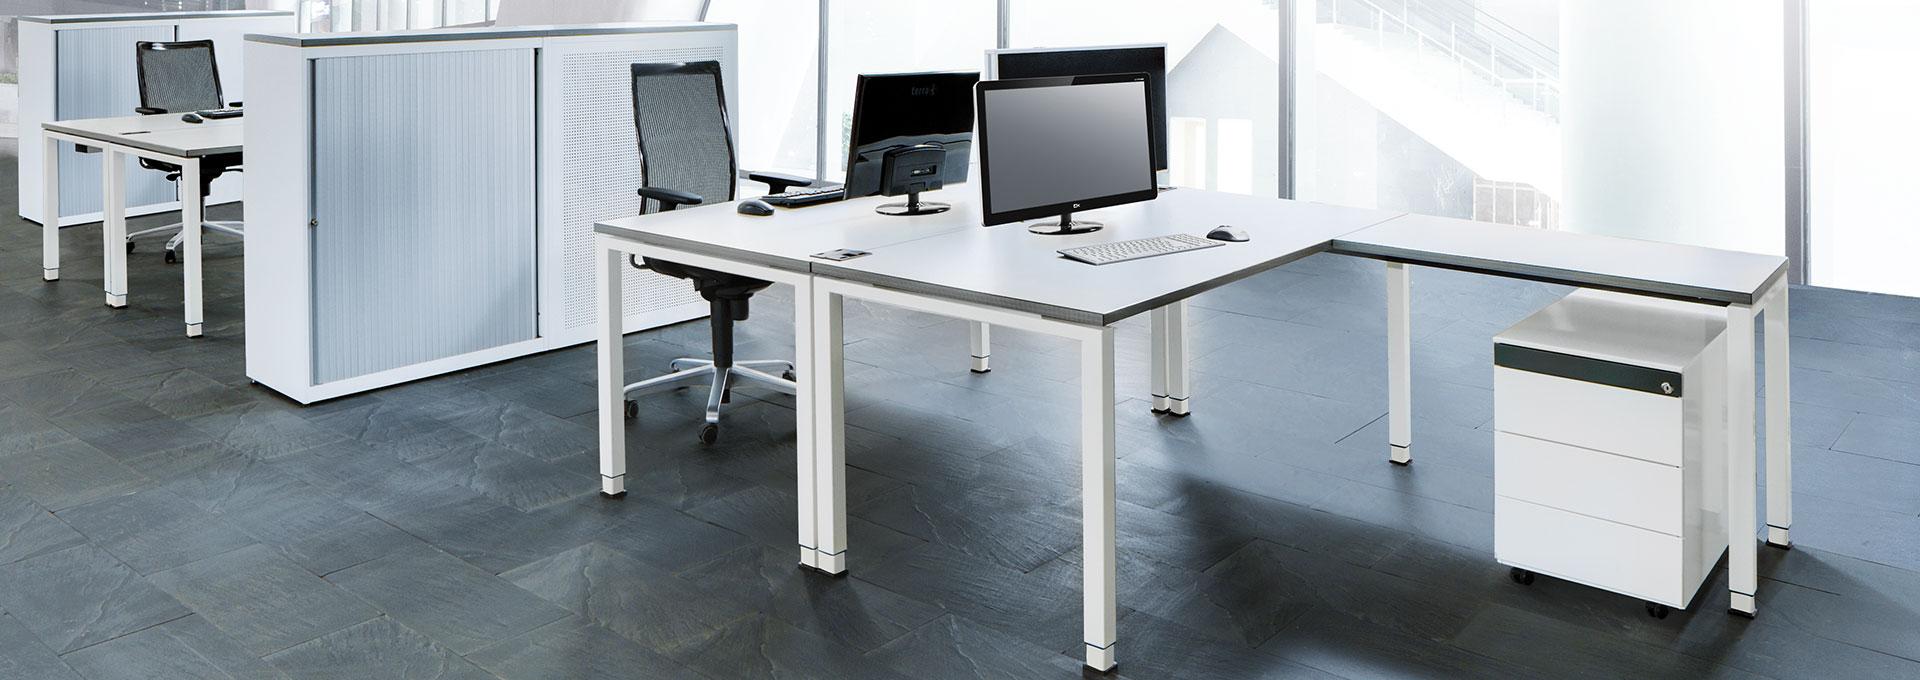 Schreibtisch-Doppelarbeitsplatz-Winkelkombination-arcos-mauser-slider